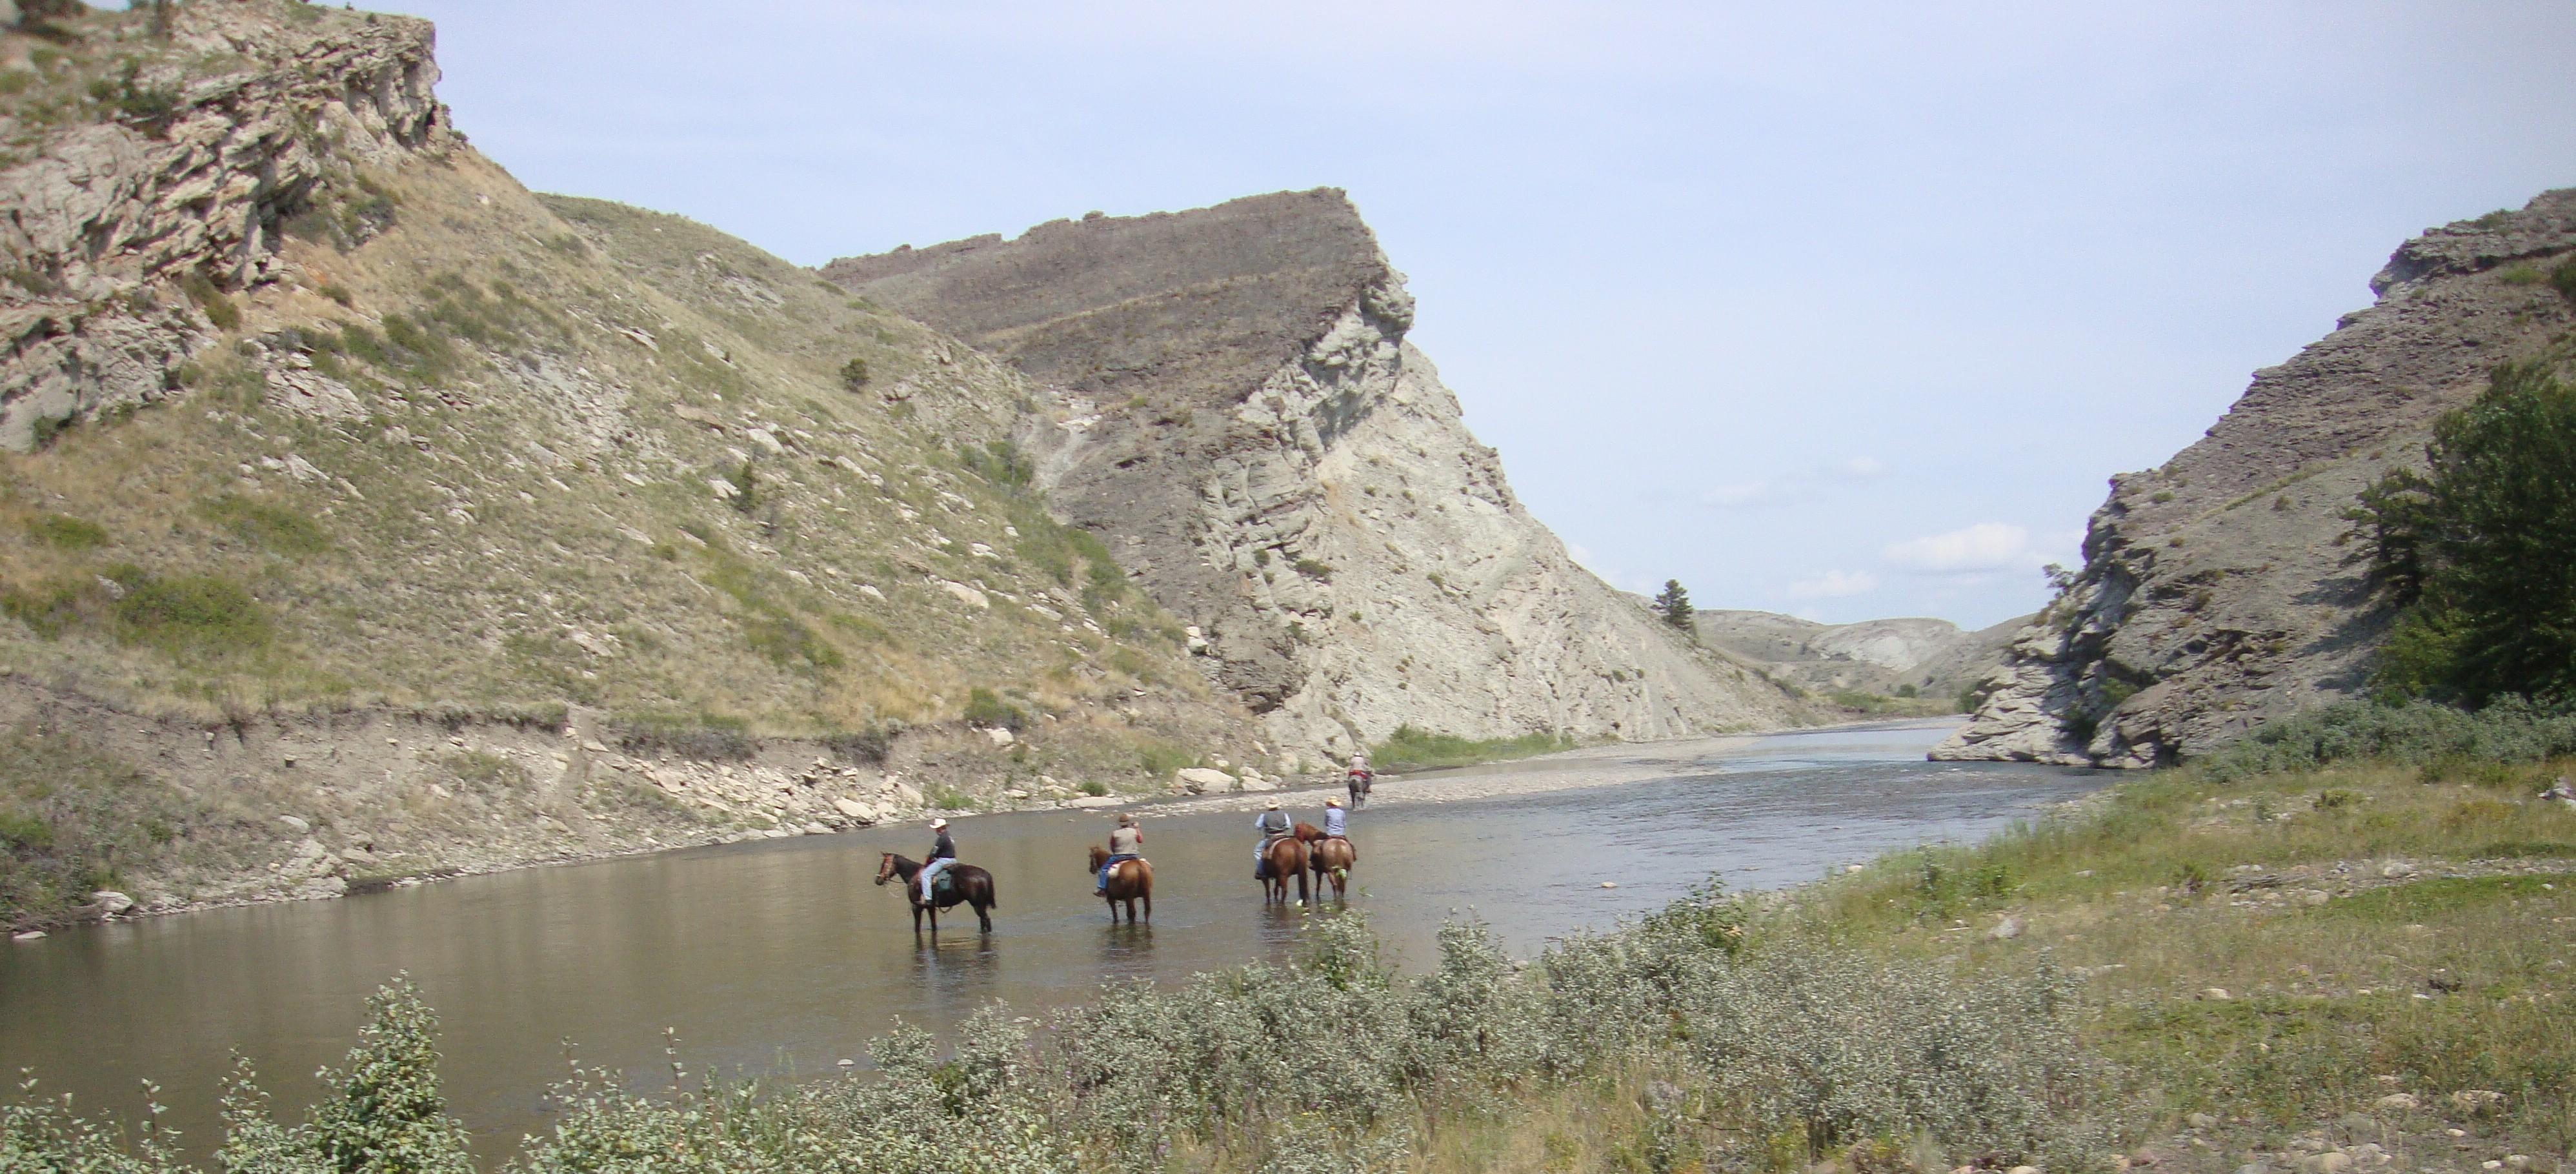 Montana Vacation Ranch Horses